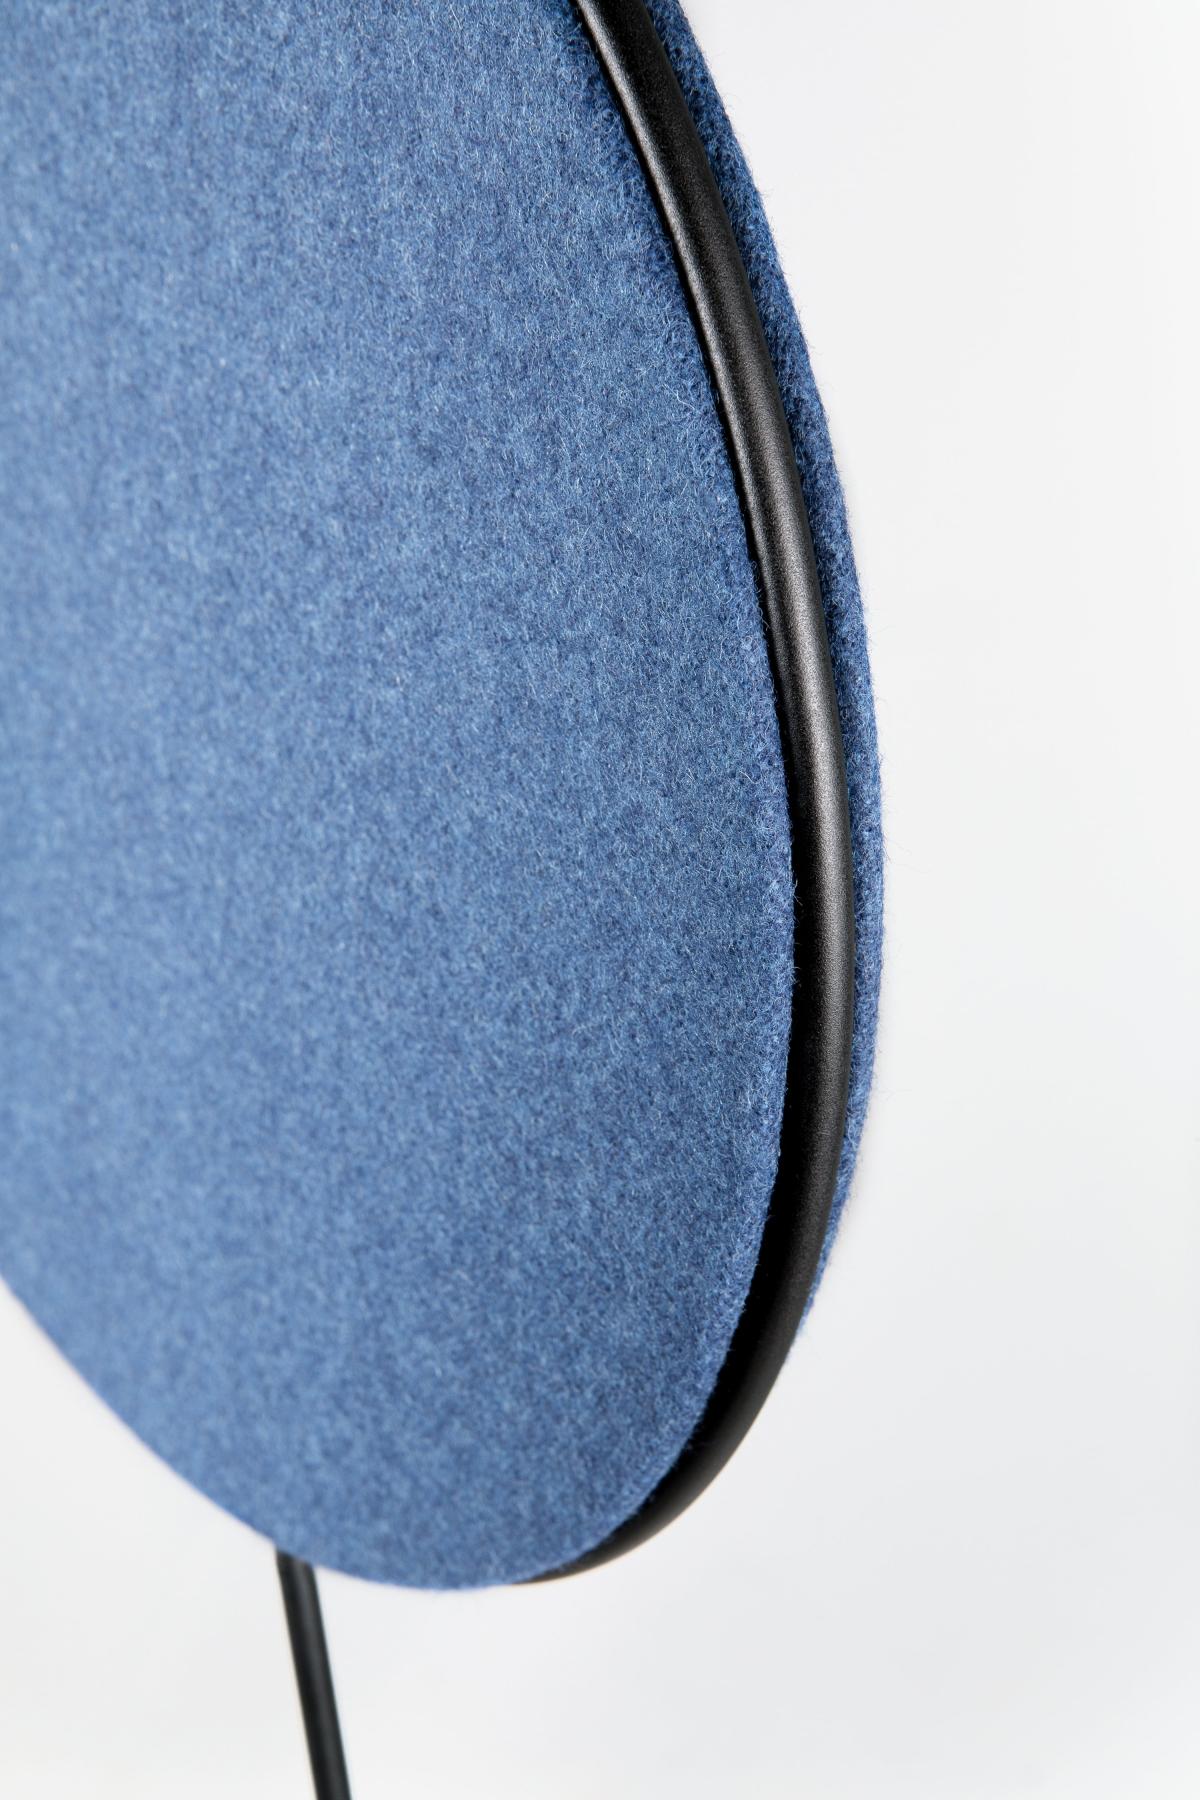 Foto de Lámpara de techo una luz con panel acústico Revolta en Azul de ambiente. Estiluz